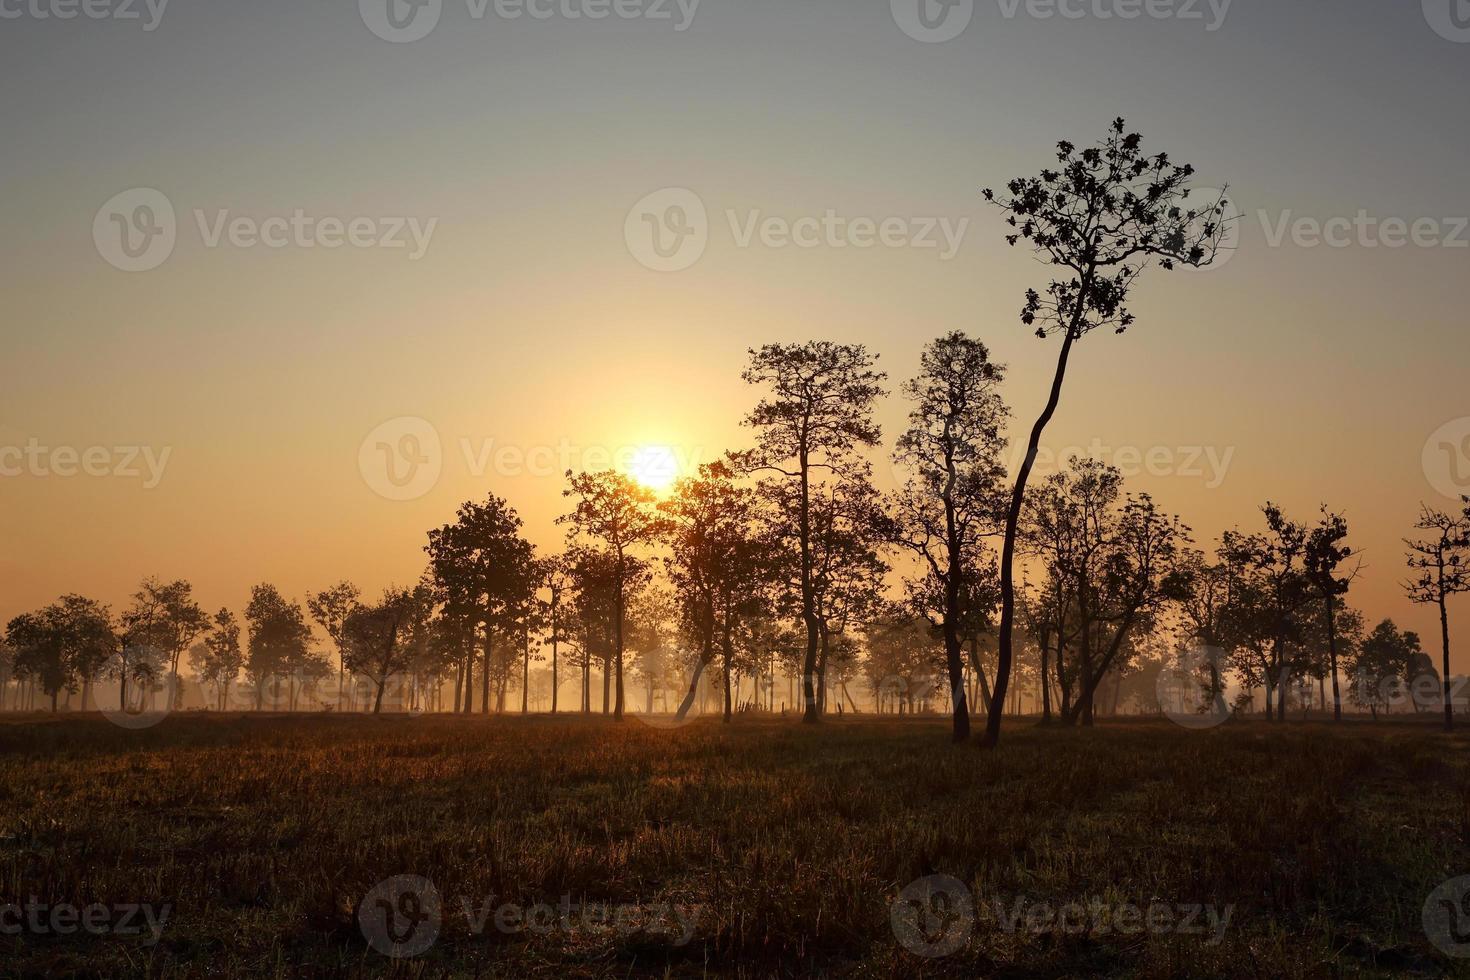 landskap i morgonljuset foto